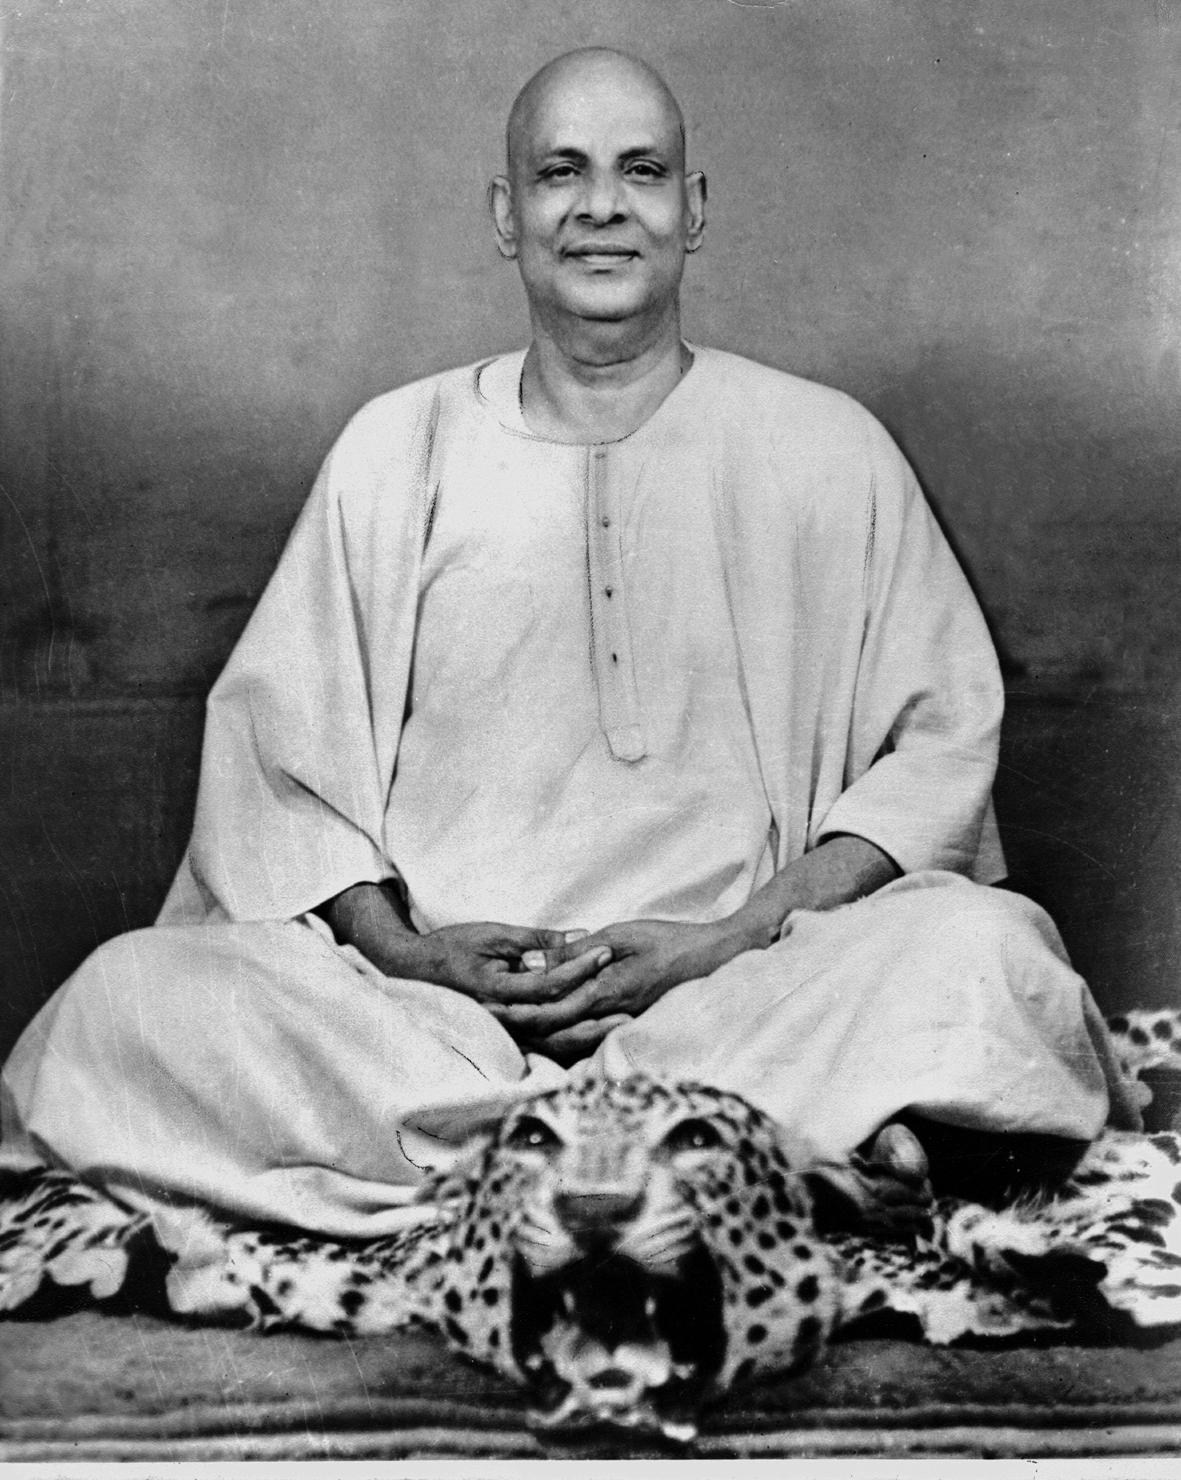 Grandes Mestres da Fraternidade Branca sempre utilizaram os Animais de Poder em suas práticas esotéricas. Em destaque, o Swami Sivananda